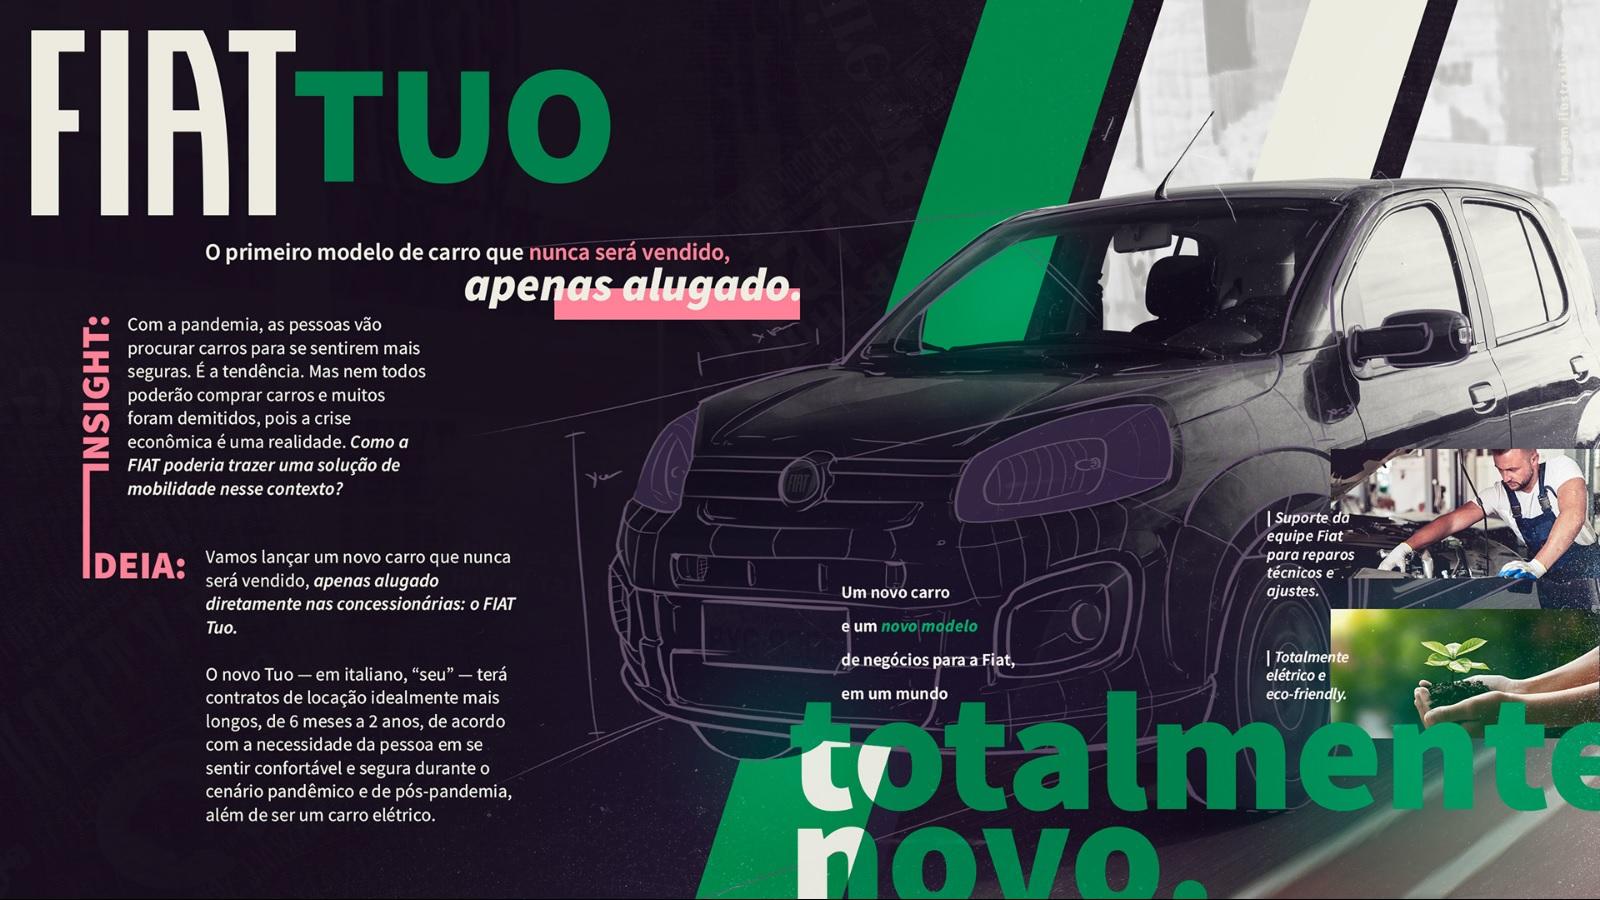 Idealizado por estudantes da Bahia, o Fiat Tuo não é exatamente um SUV